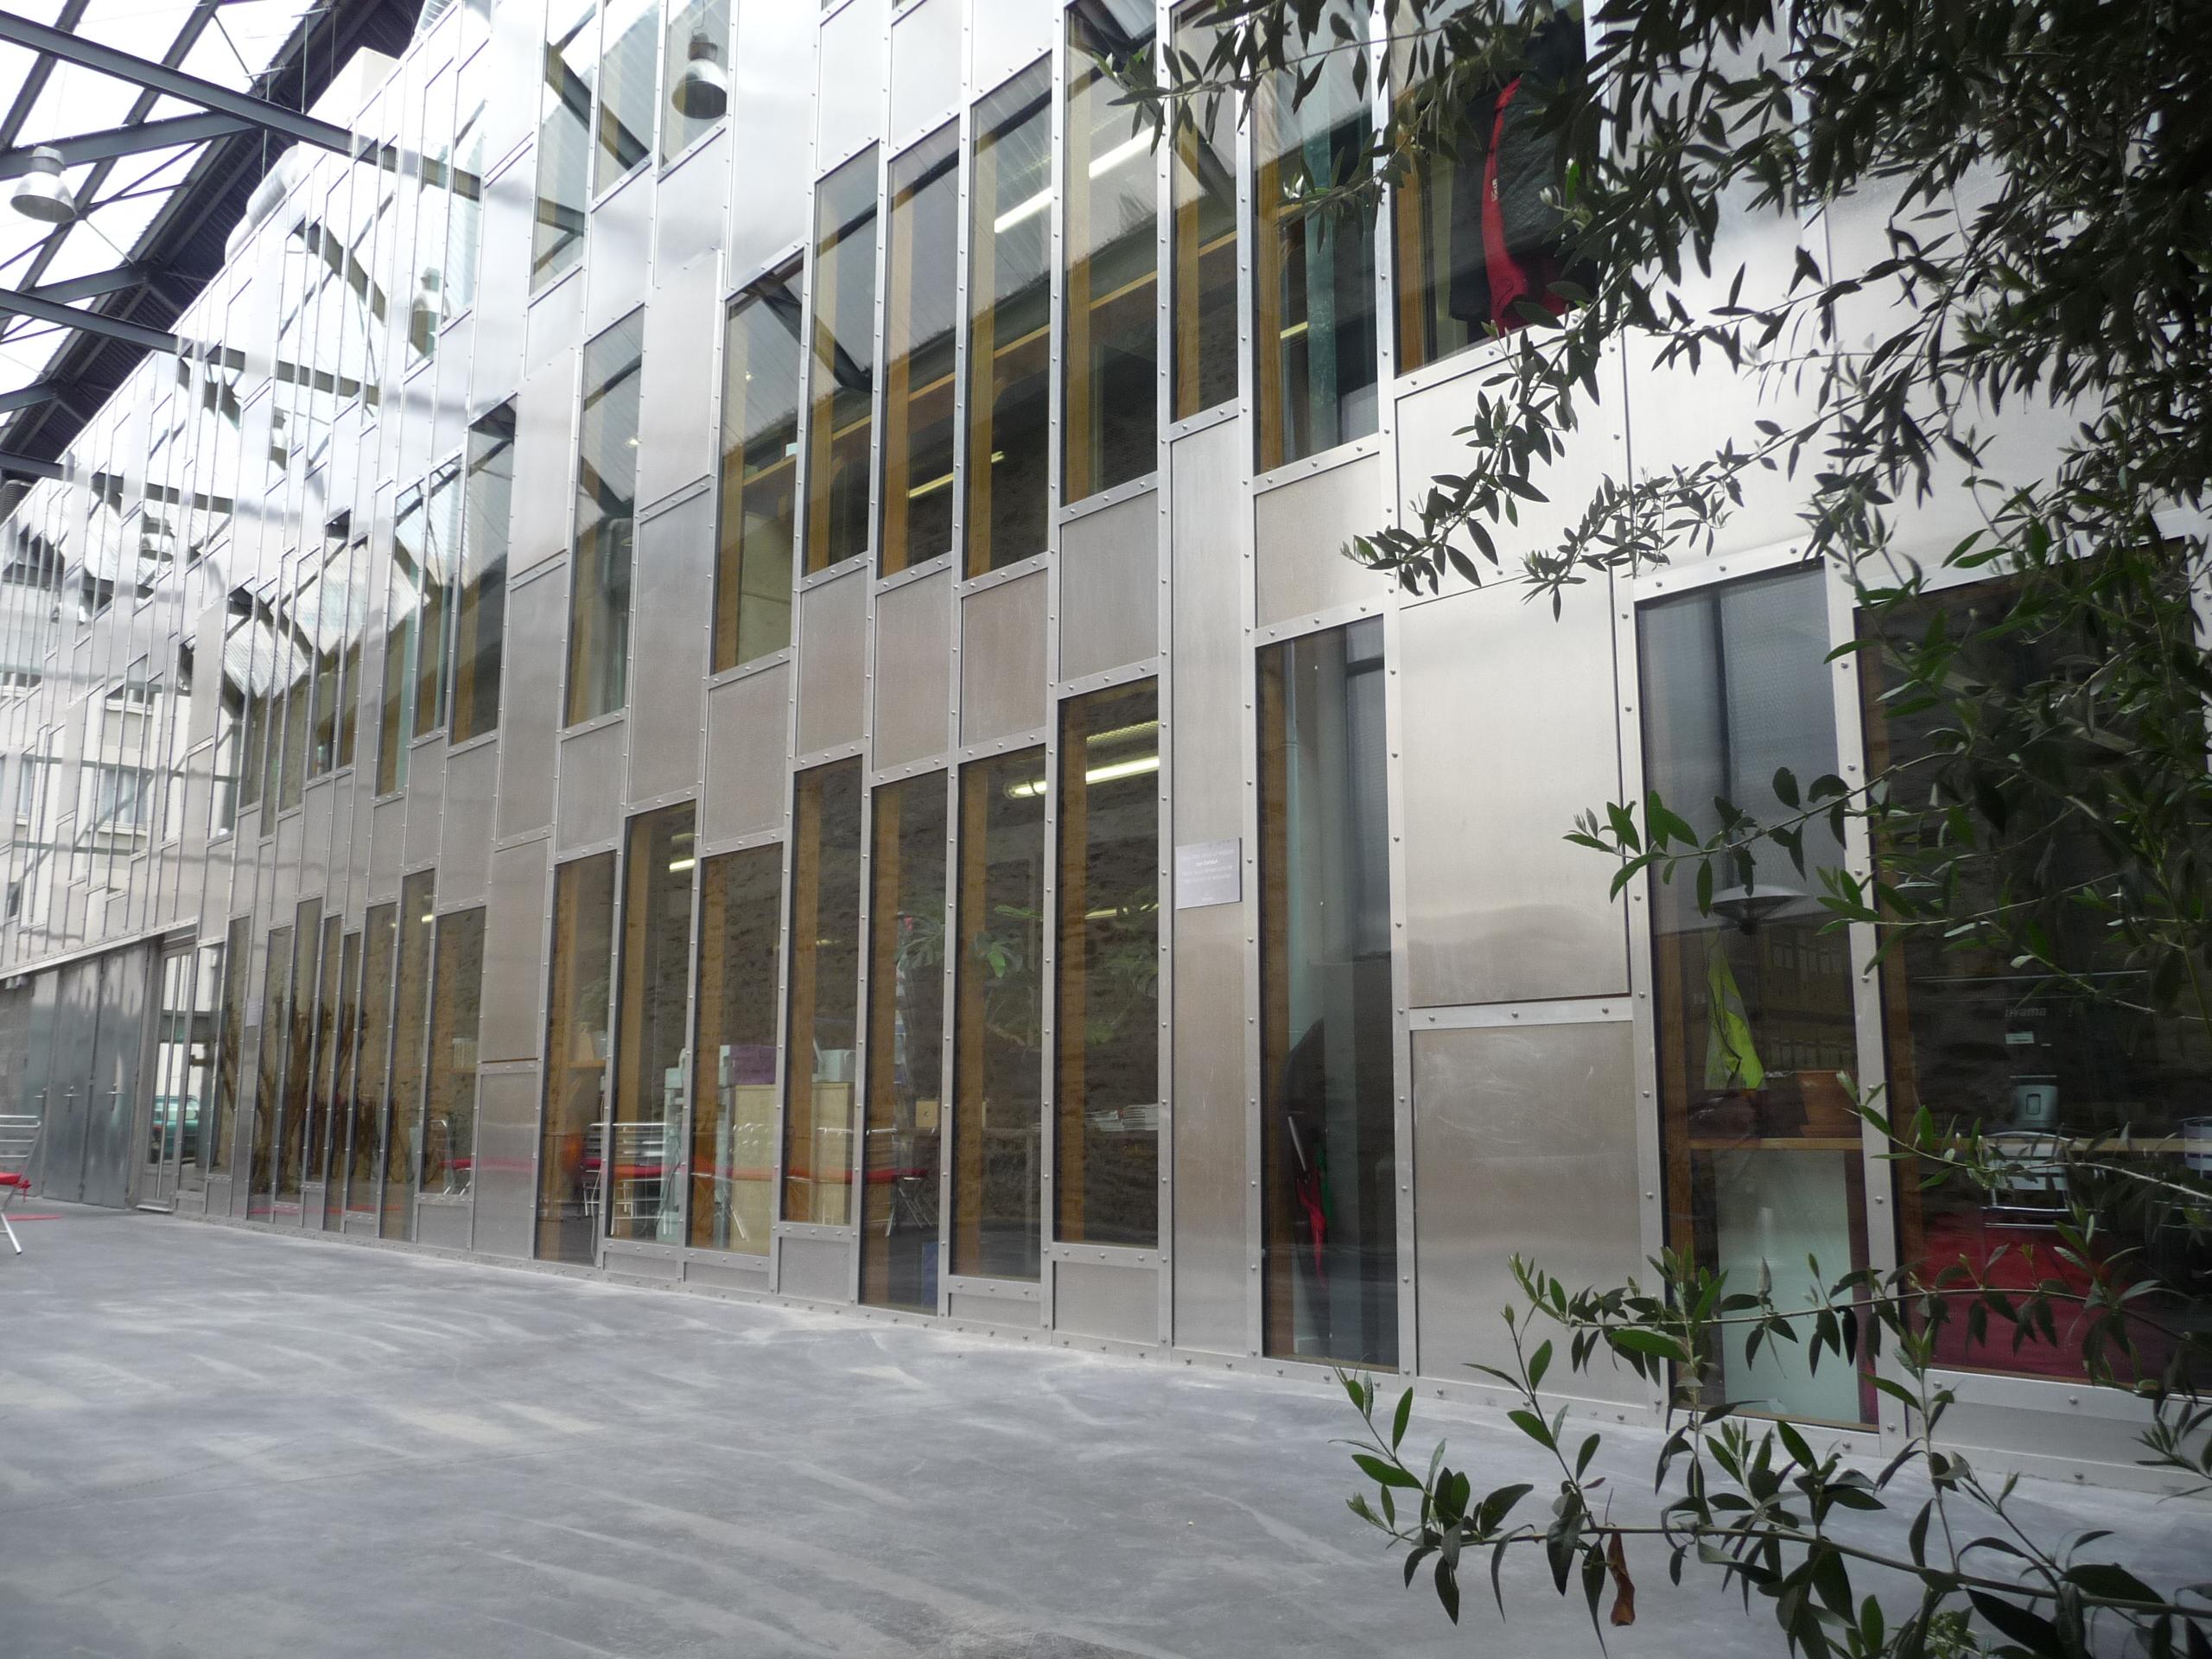 Location bureau saint herblain bureaux m² aux portes de nantes